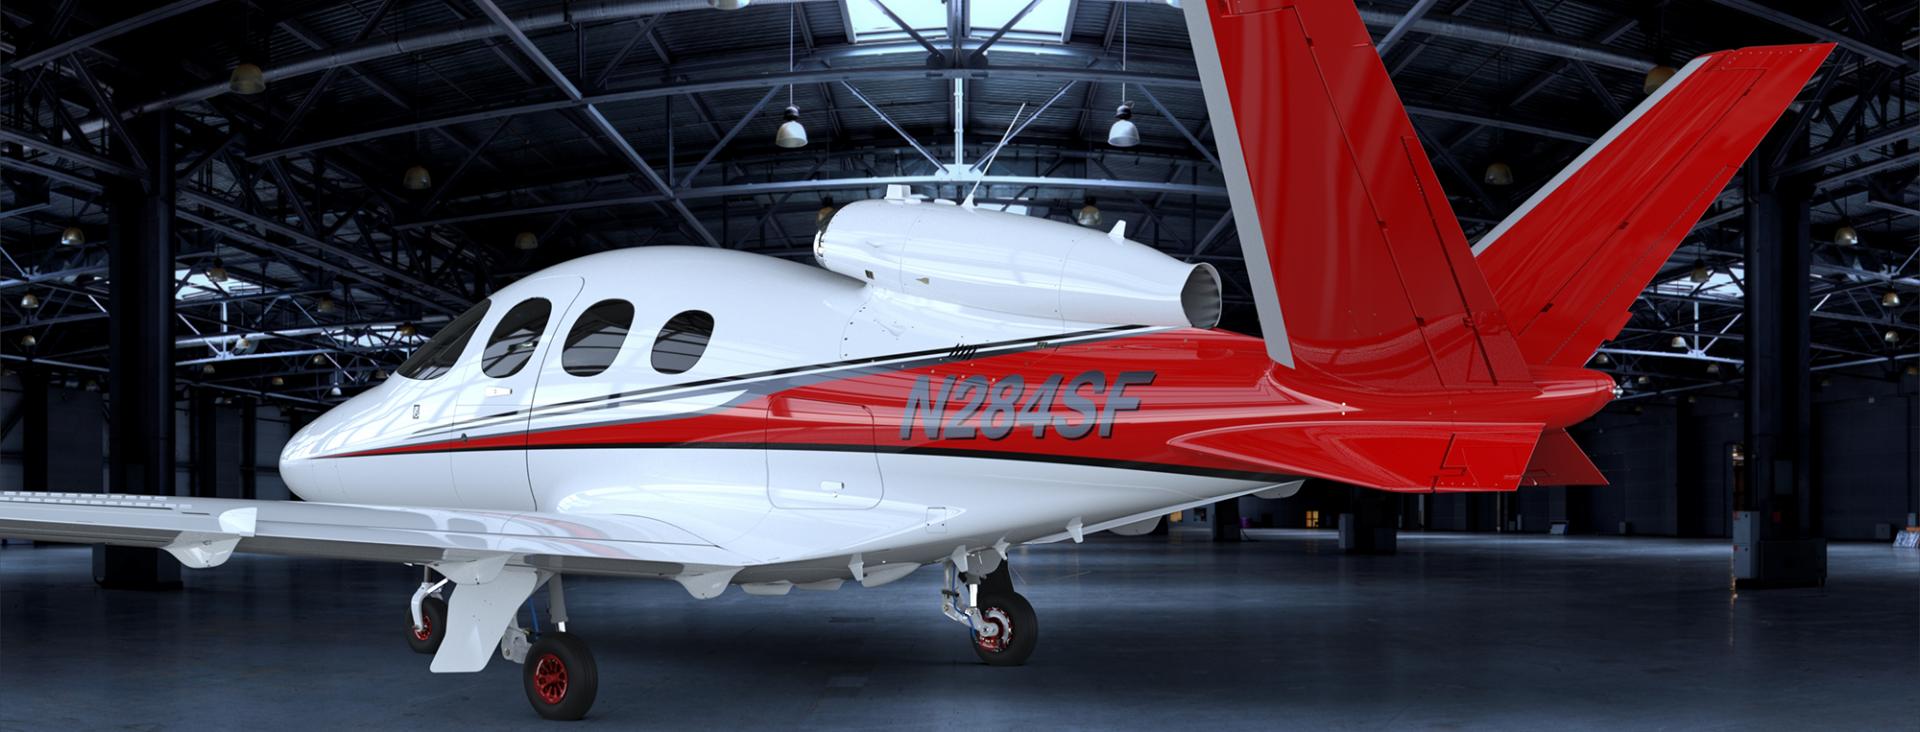 Vision Jet | Cirrus Aircraft